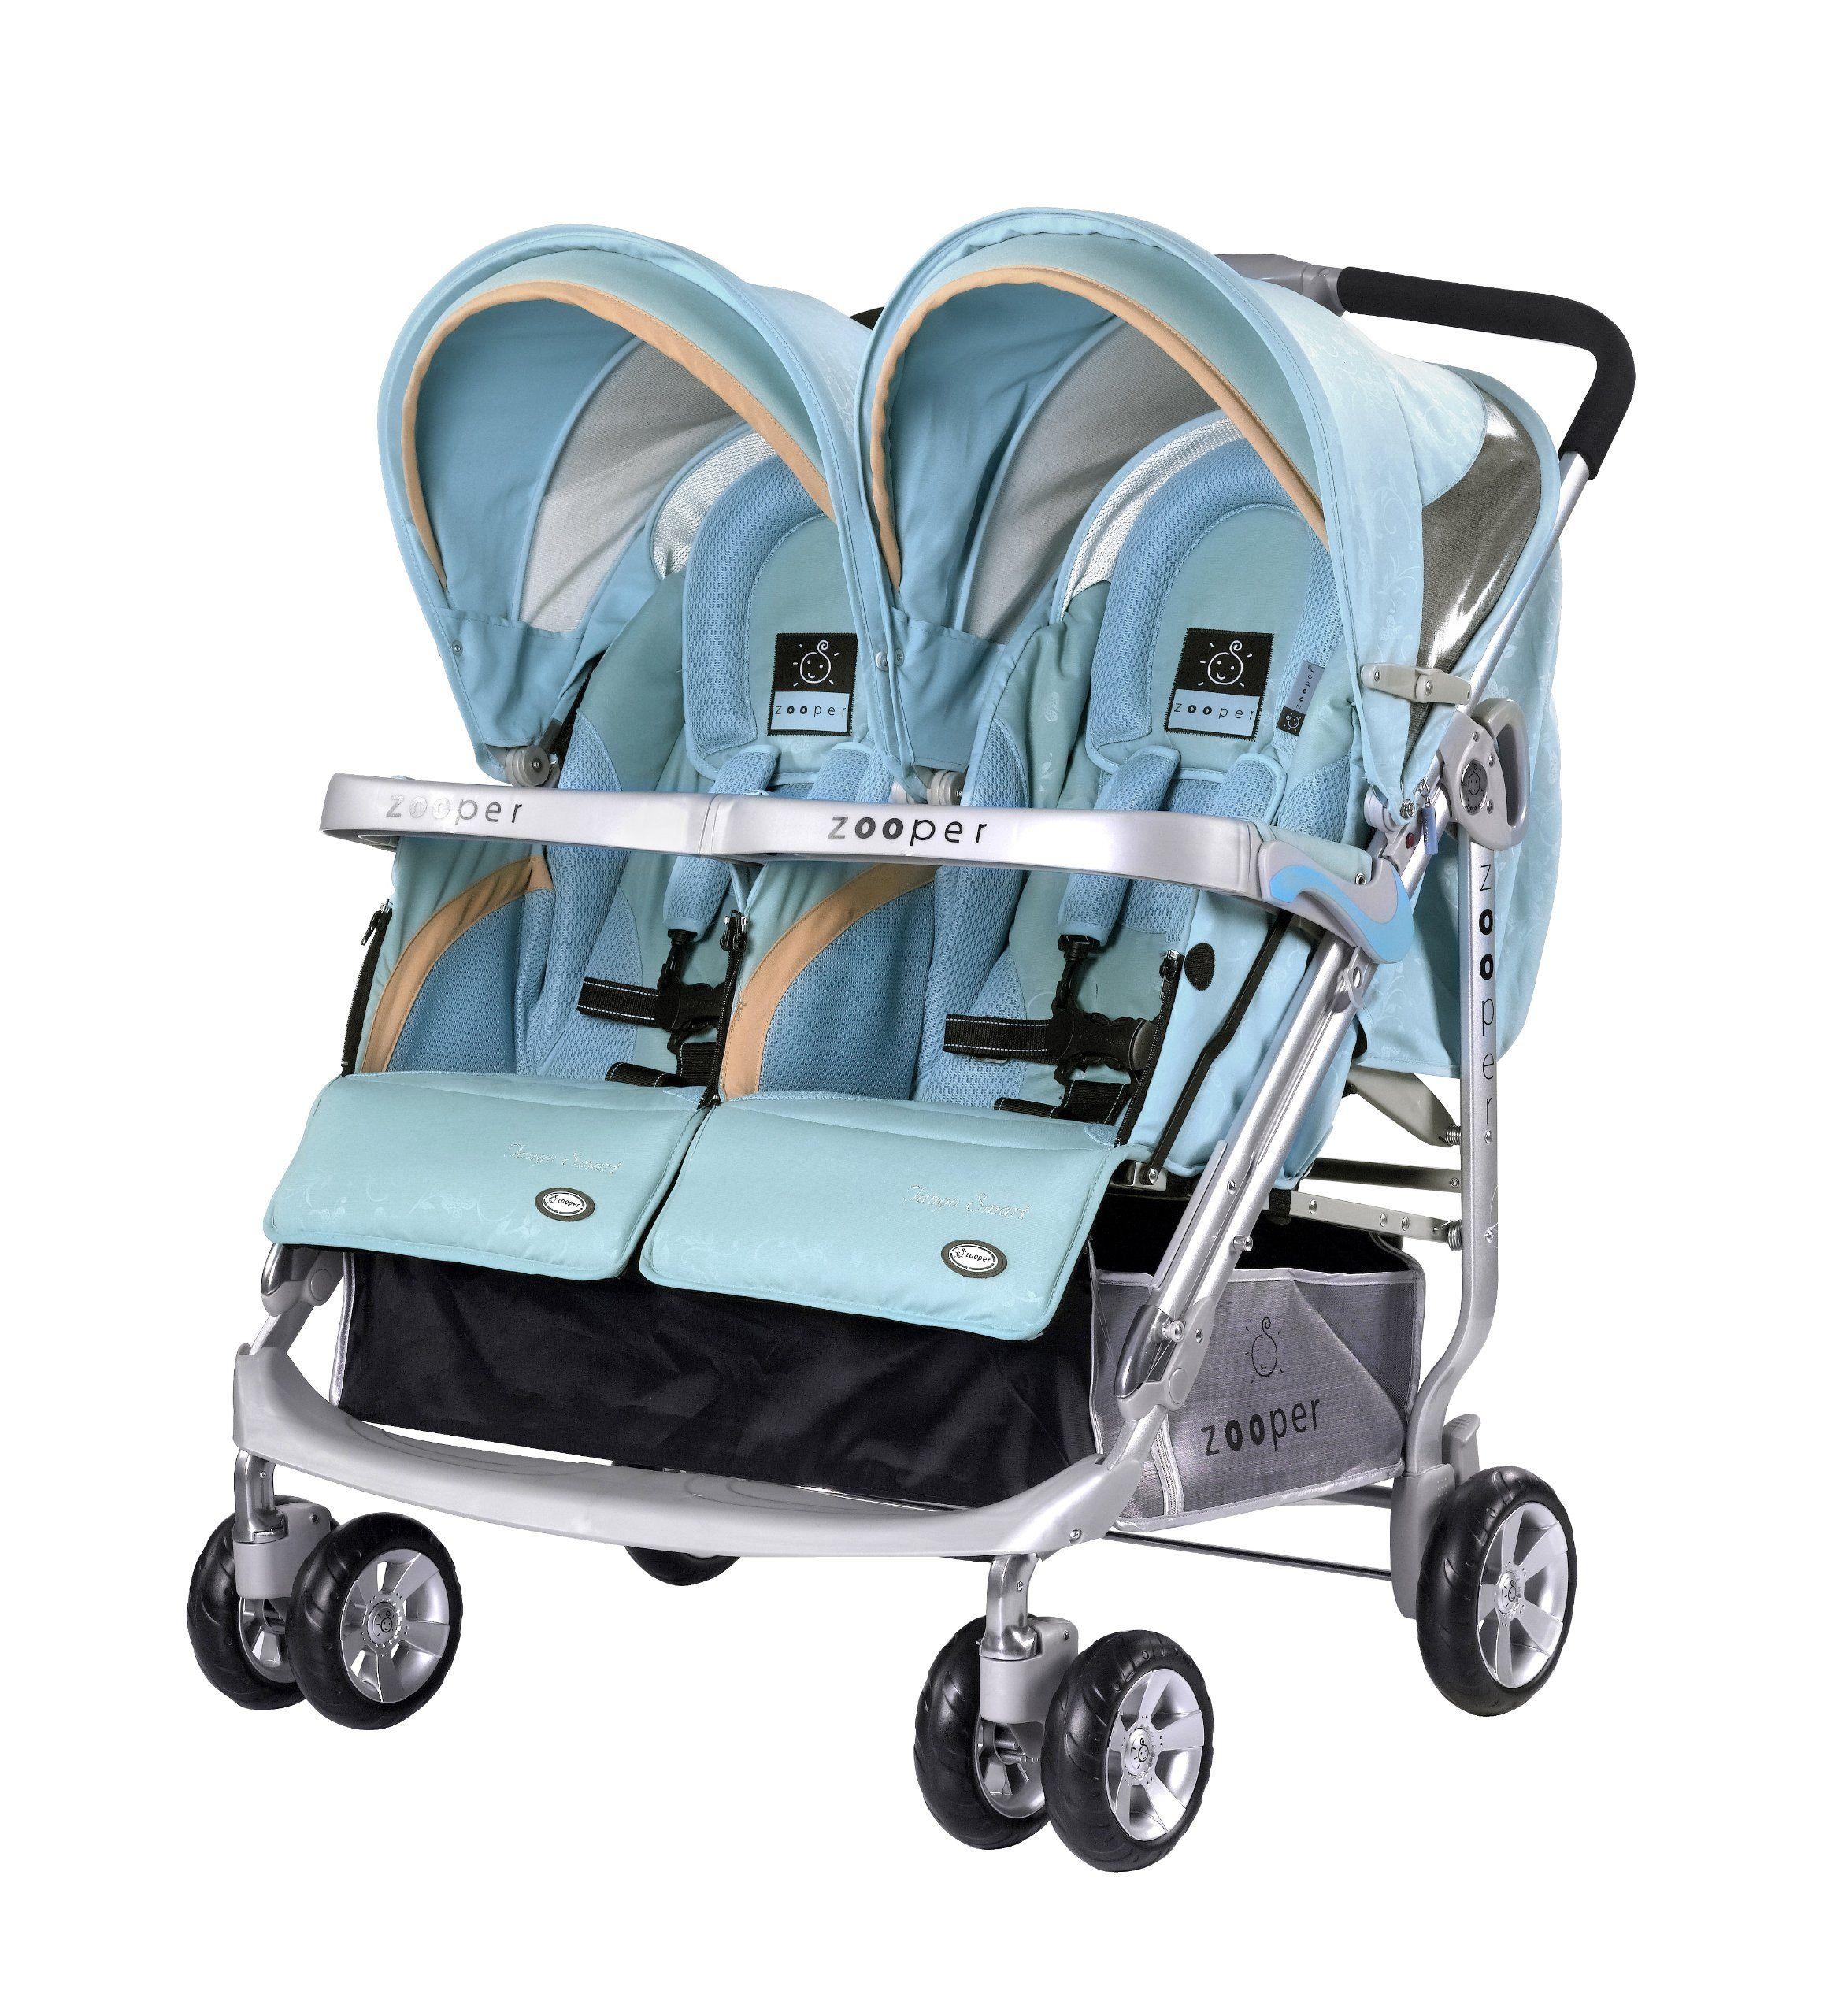 Zooper Tango Smart Stroller, Cyan Double strollers, Stroller